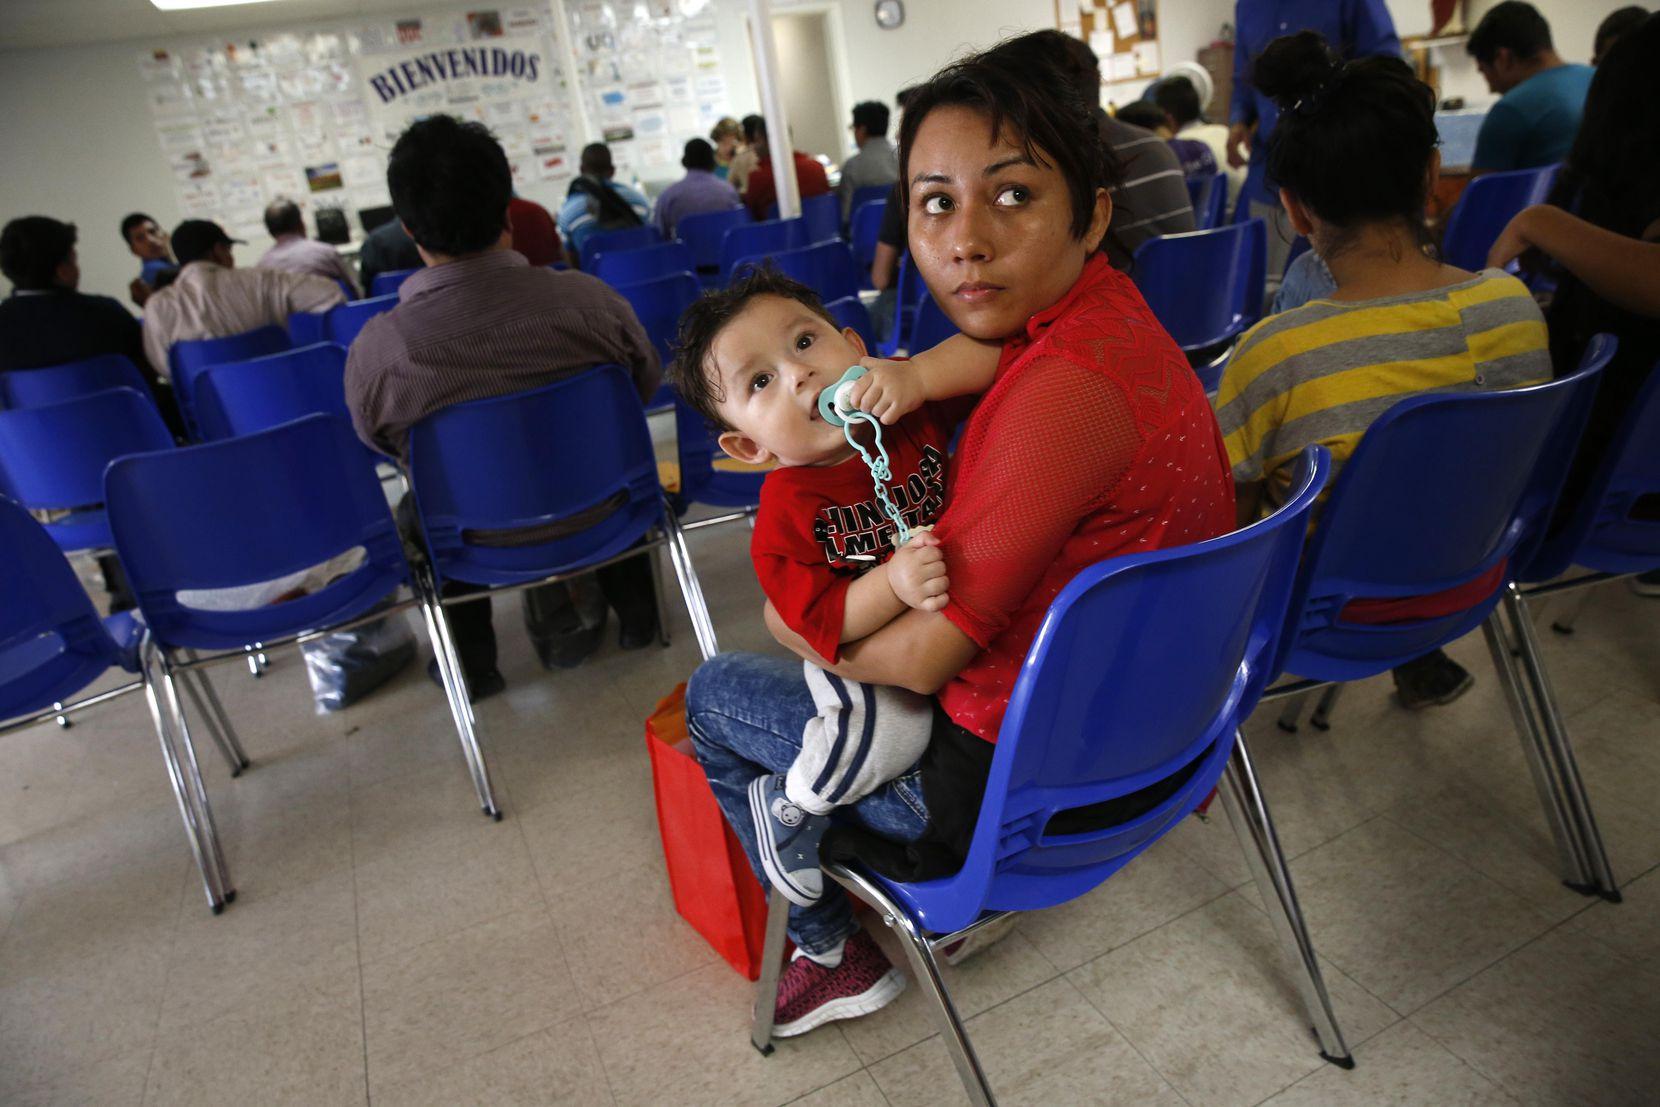 Glenda Chávez y su hijo Oliver Ricardo, de 11 meses. Ellos son de los inmigrantes afortunados que no han sido separados en la frontera. NATHAN HUNSINGER/DMN